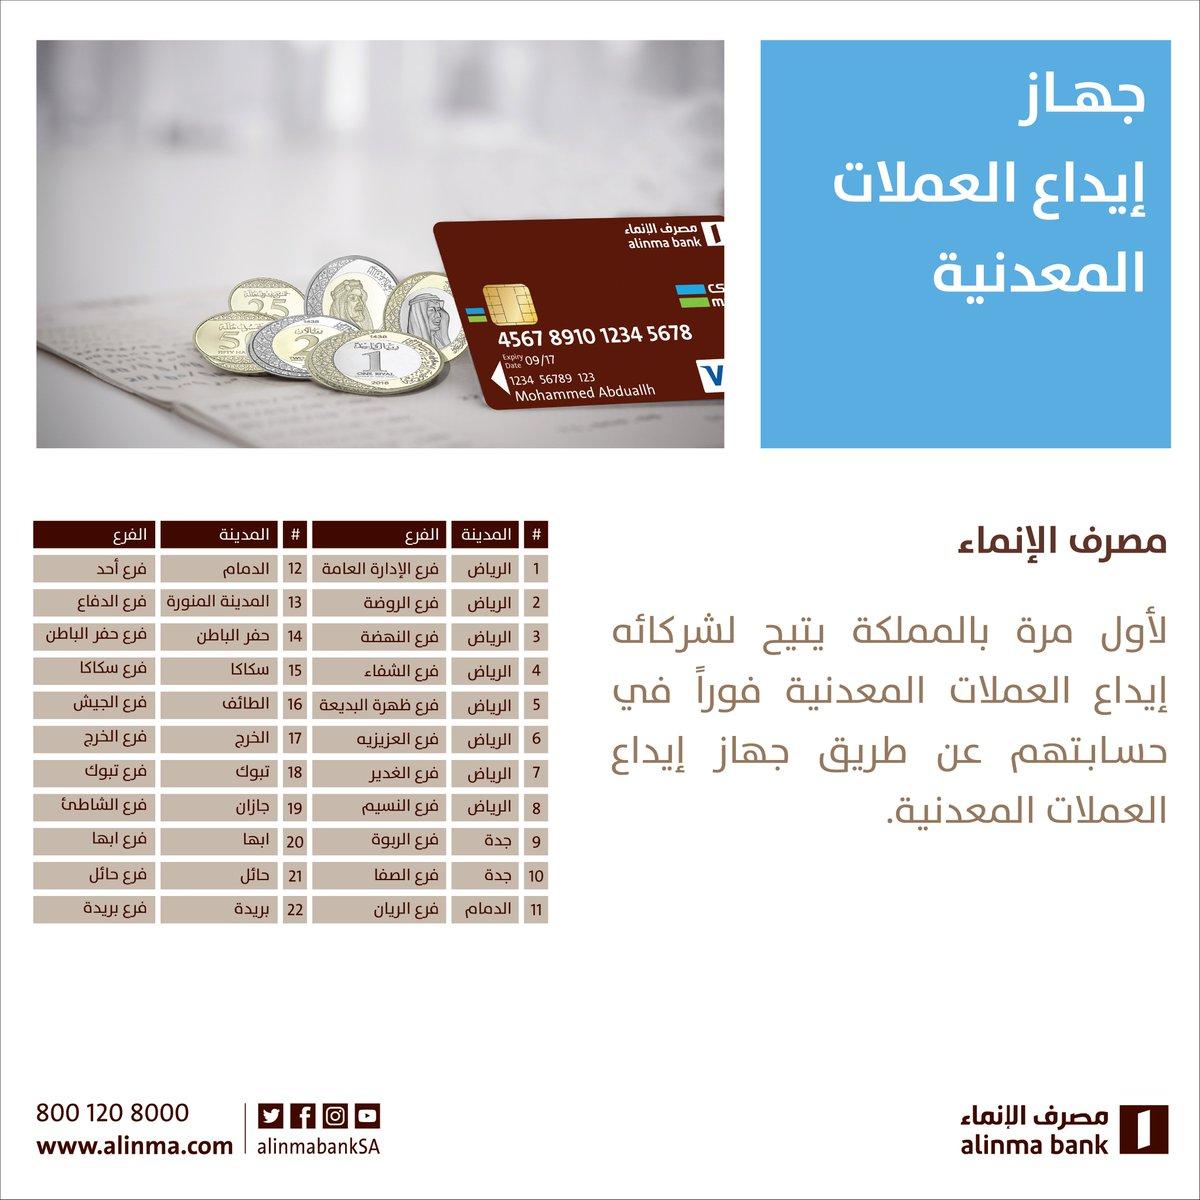 O Xrhsths مصرف الإنماء Sto Twitter مصرف الإنماء أول مصرف في المملكة العربية السعودية يوفر جهاز إيداع العملات المعدنية في فروع مختارة